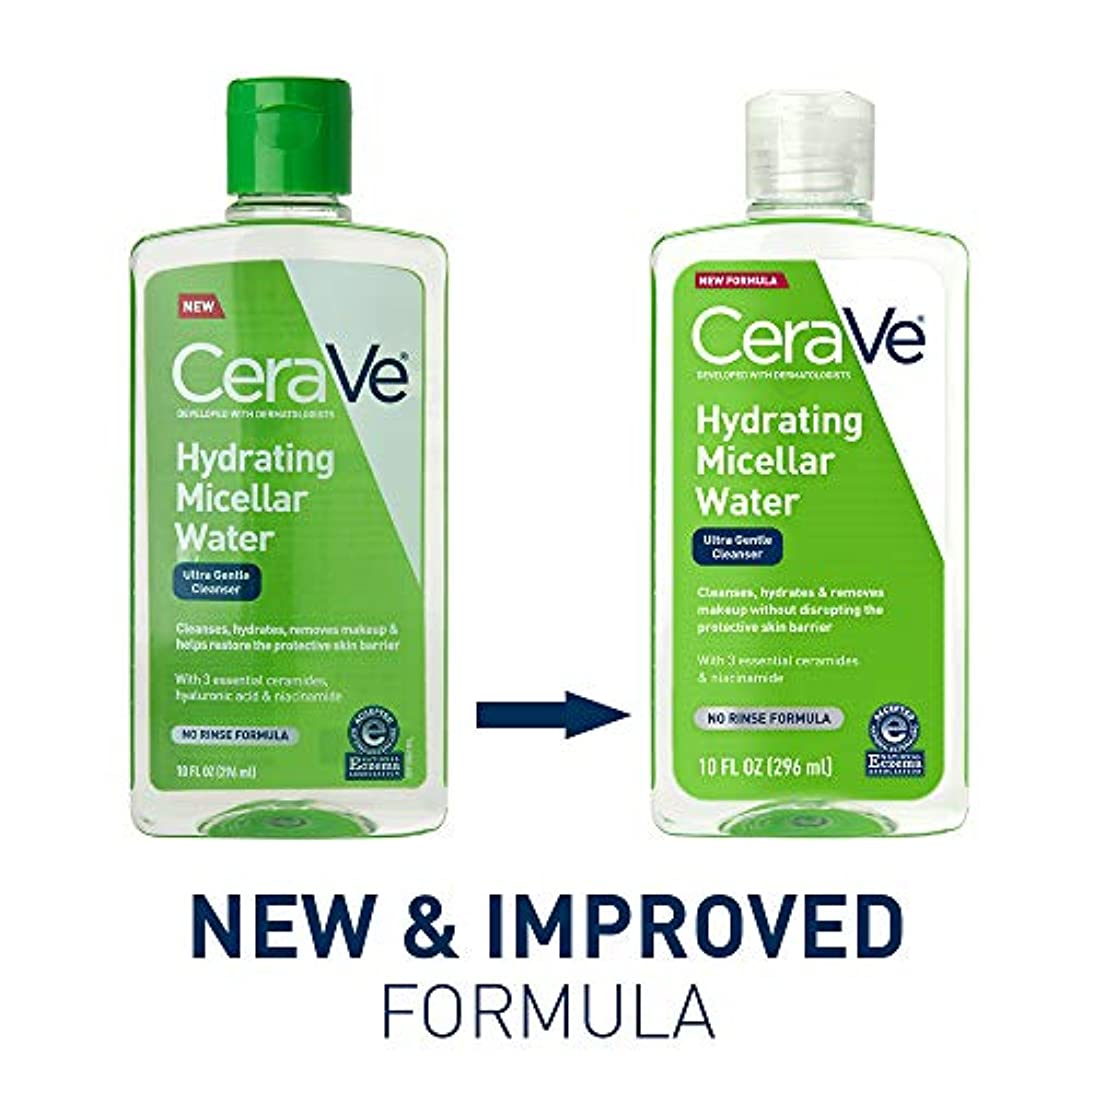 チョコレート透明にセンブランスセラビィ ジェントルクレンジングウォーター 10オンスCeraVe Hydrating Micellar Cleansing Water, Ultra Gentle Cleanser and Makeup Remover...